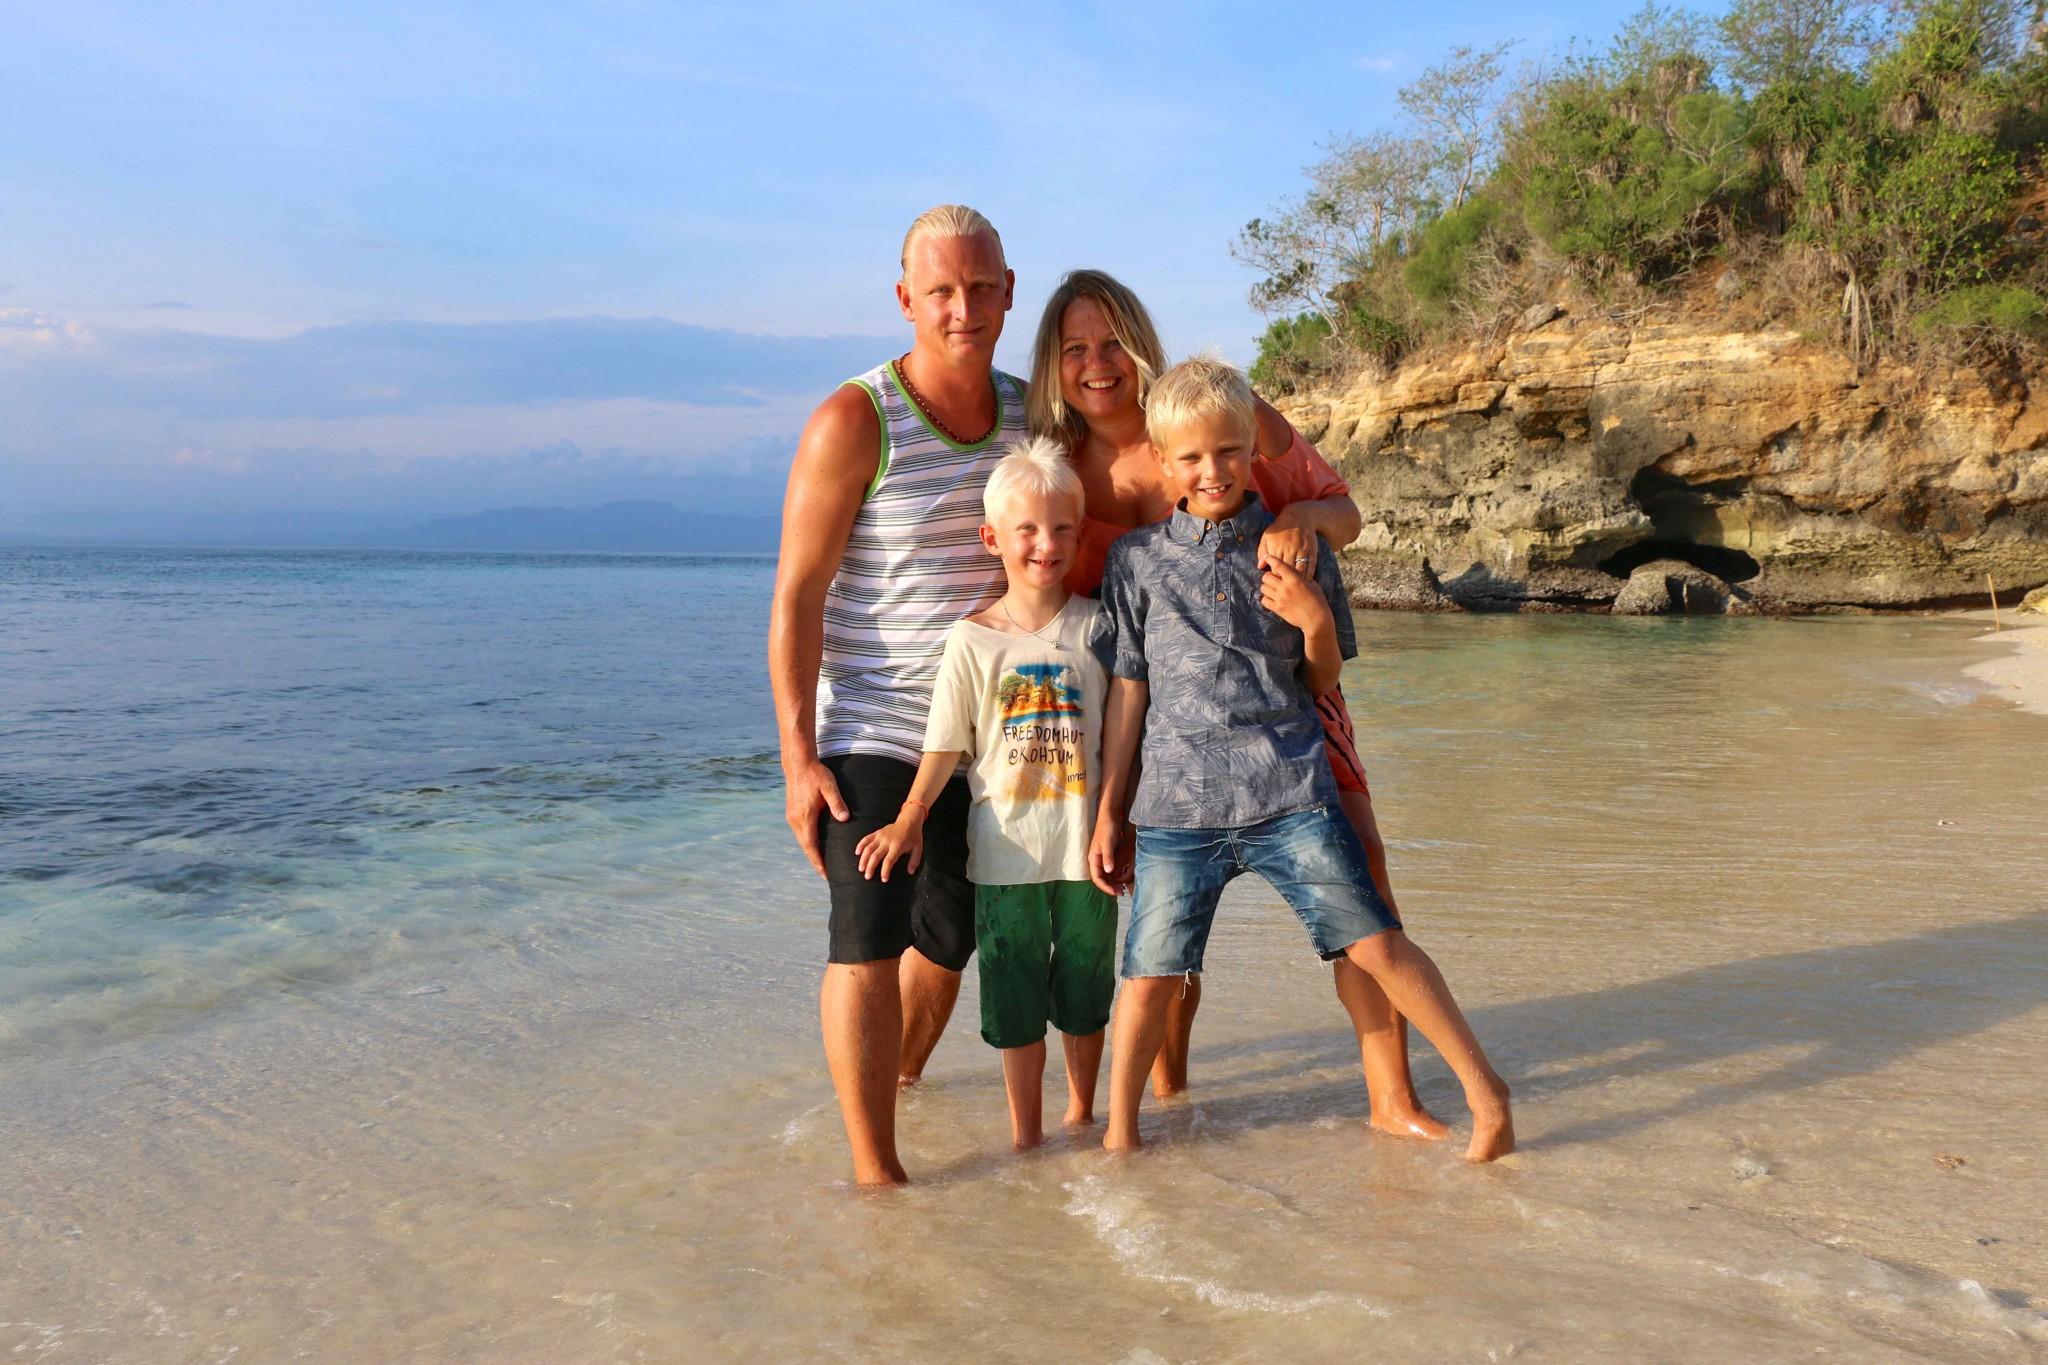 bali family